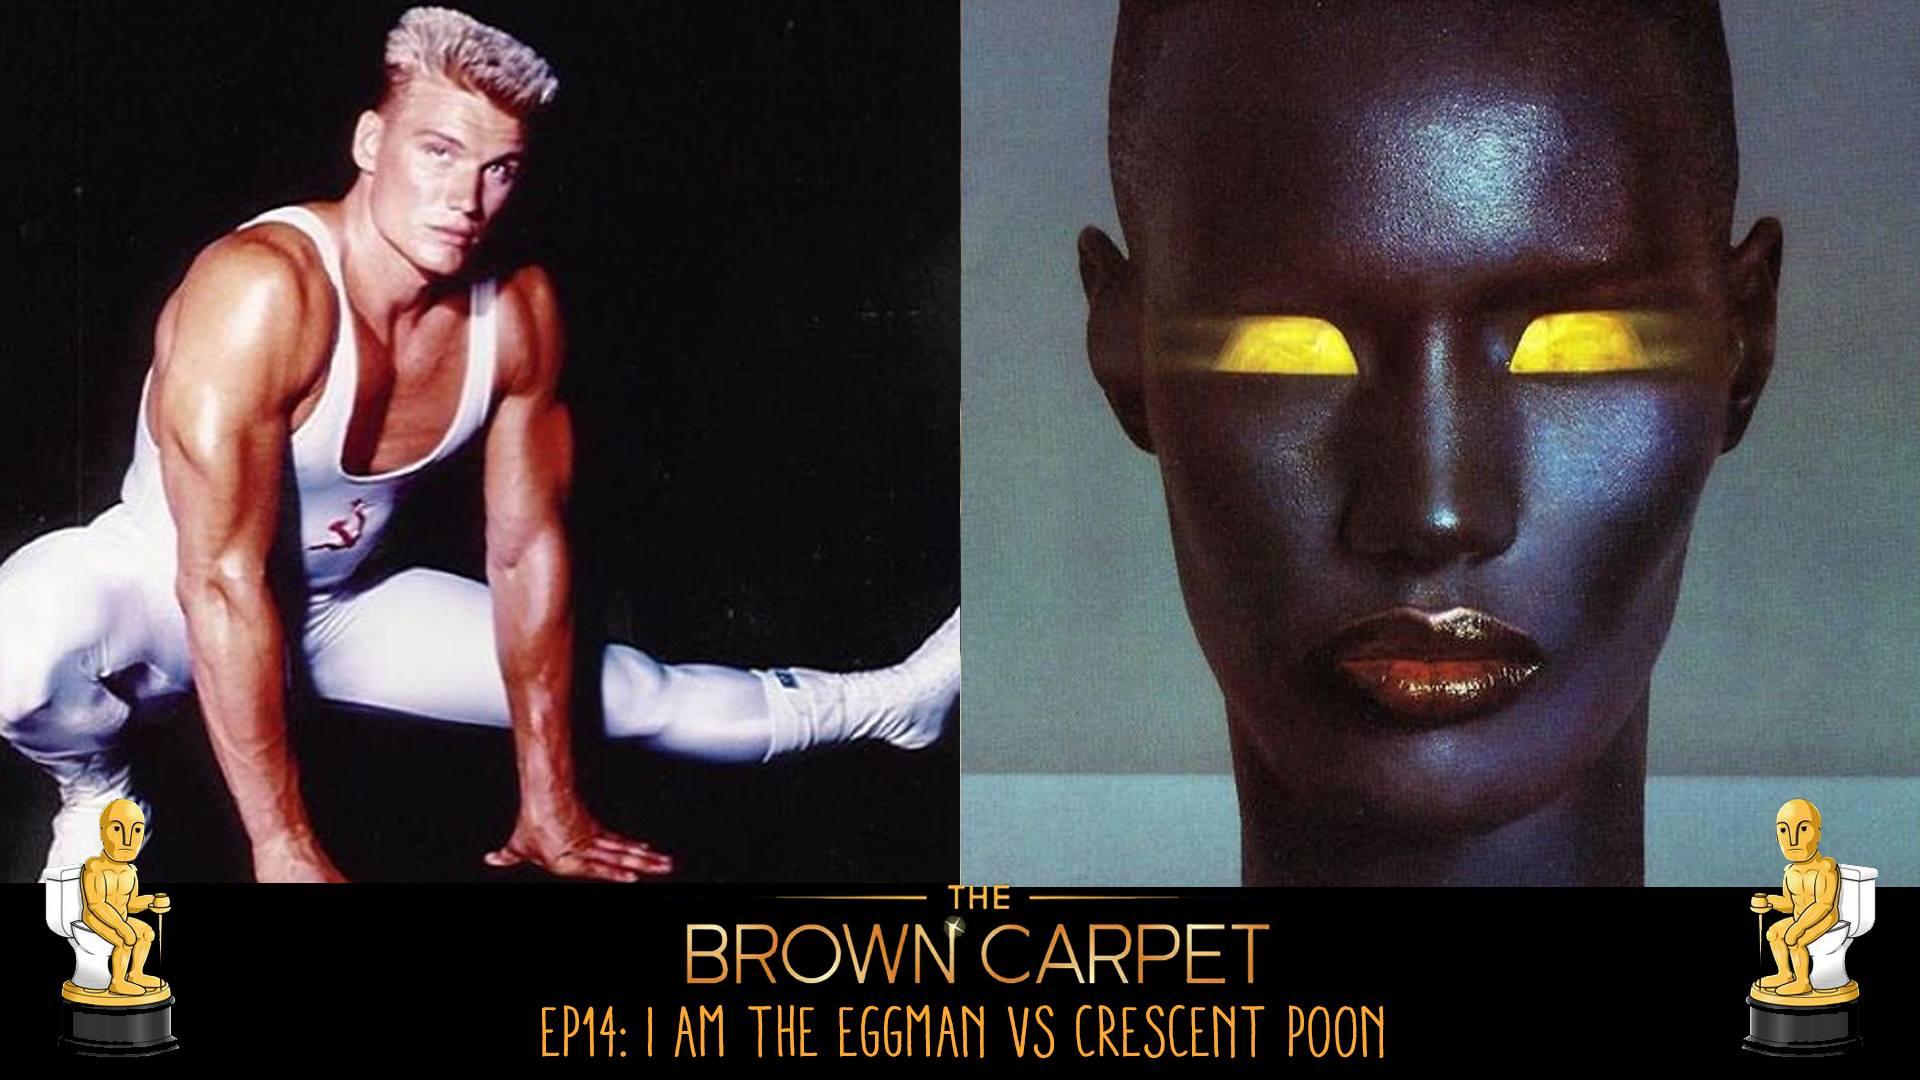 19/12/18 - EP14 - I Am the Eggman vs Crescent Poon